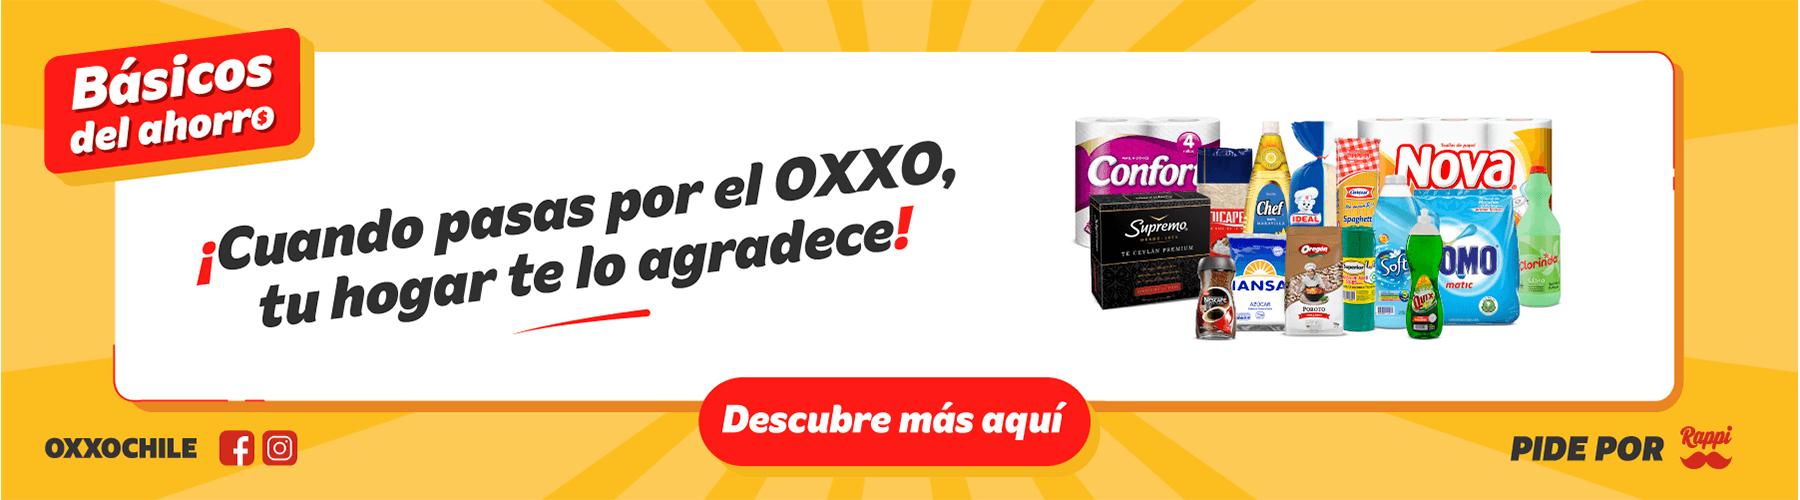 OXXO Chile Básicos